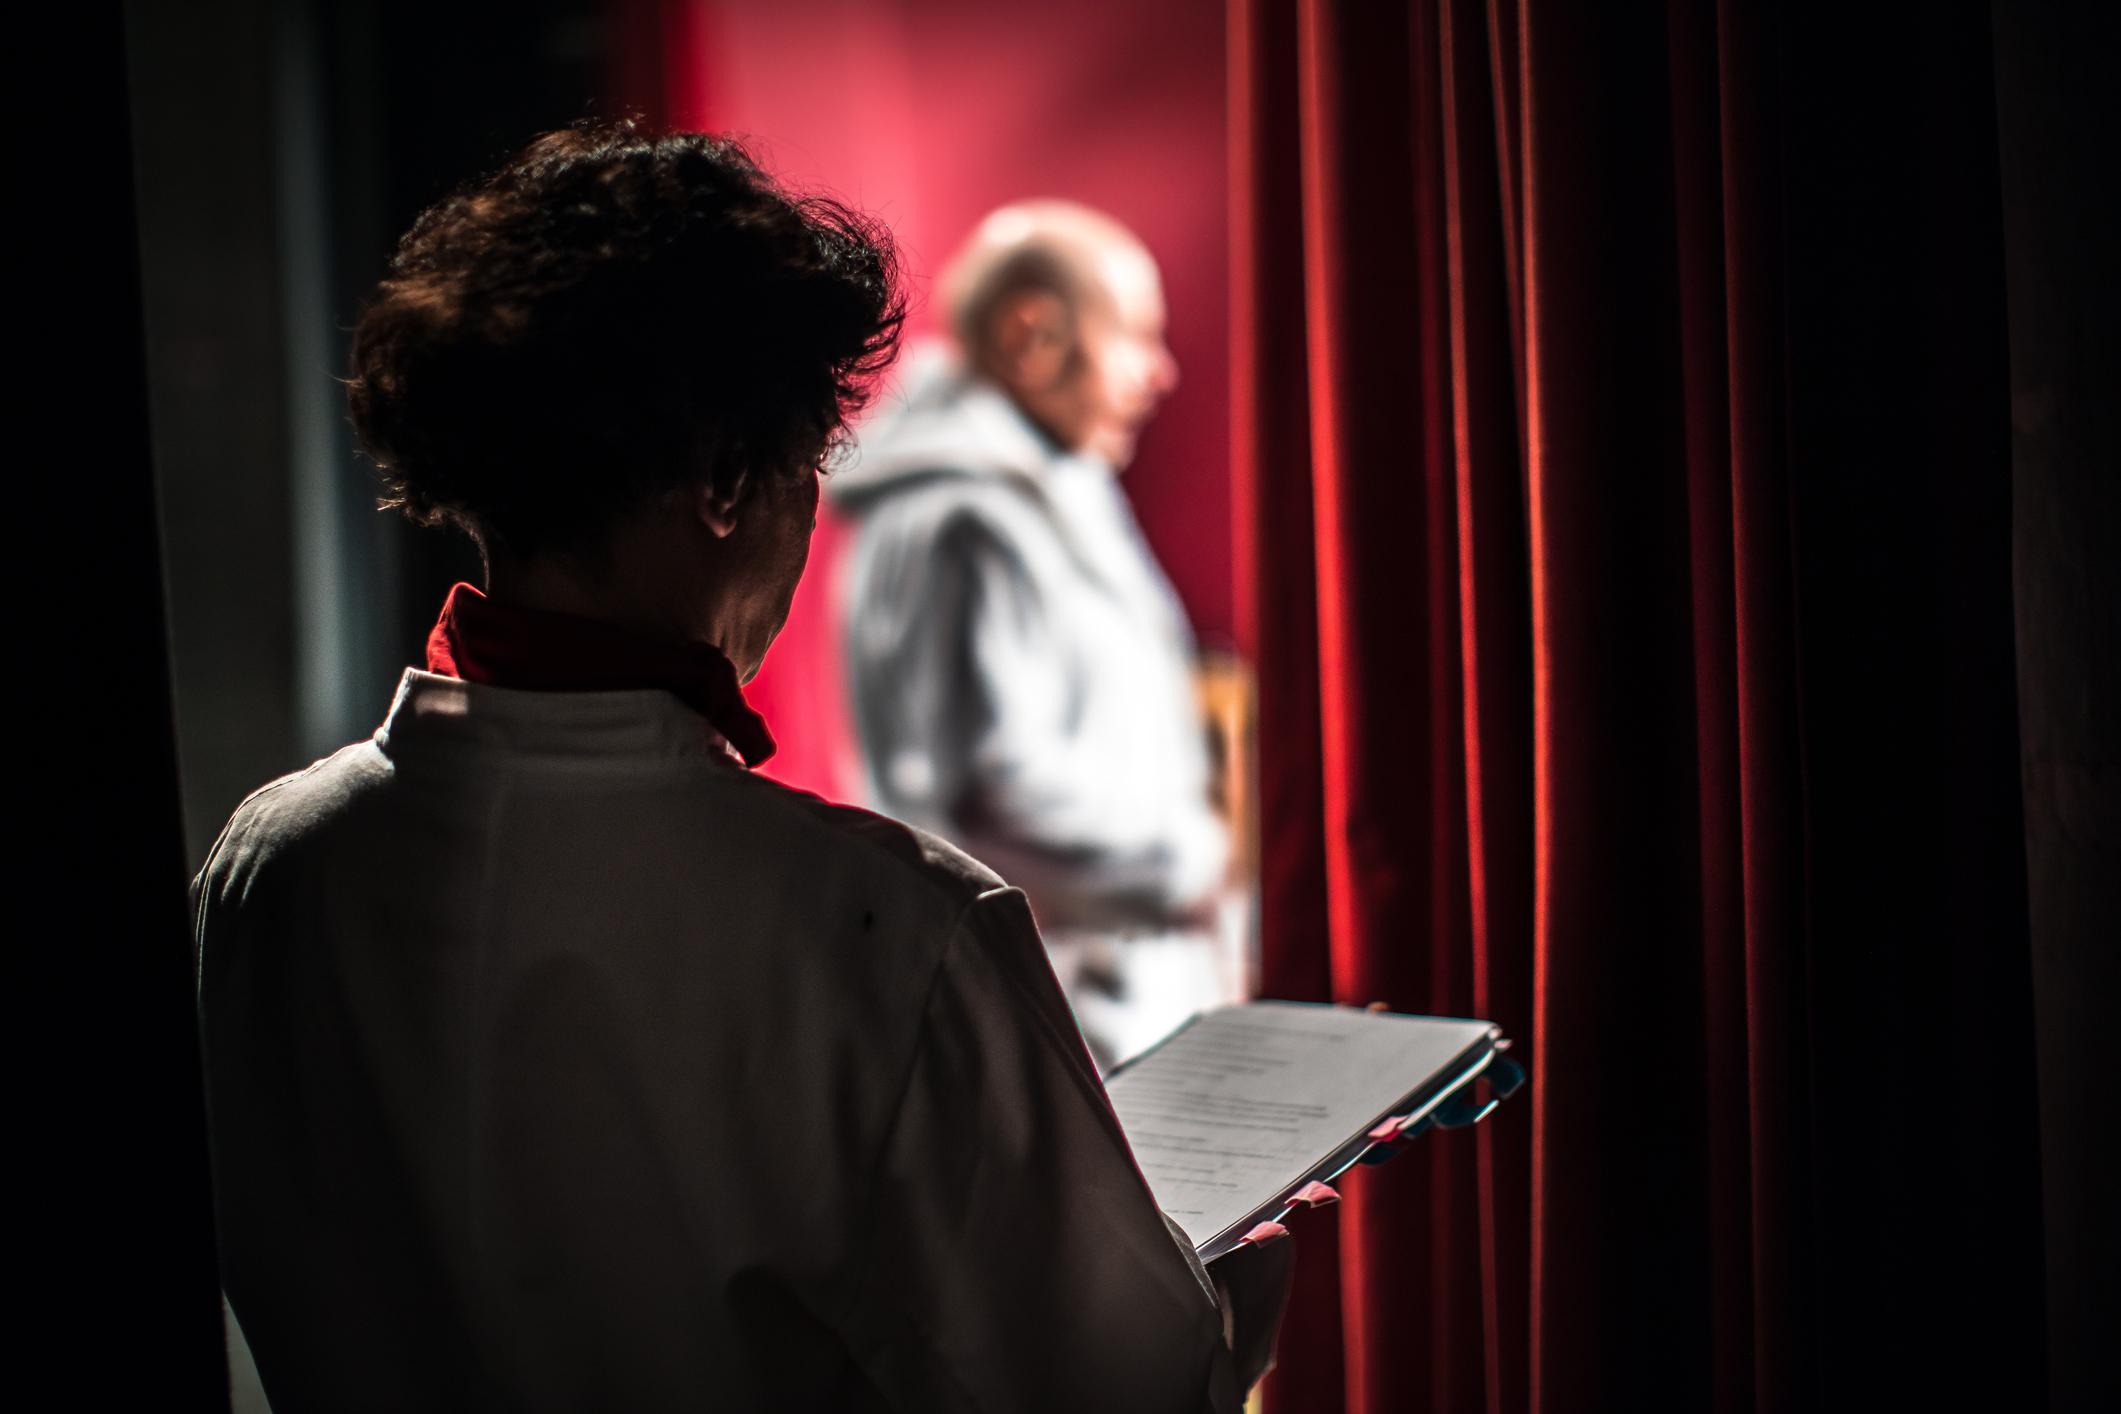 Näyttelijä seuraa vuorosanoja lavan takana, kun toinen näyttelijä on näyttämöllä.